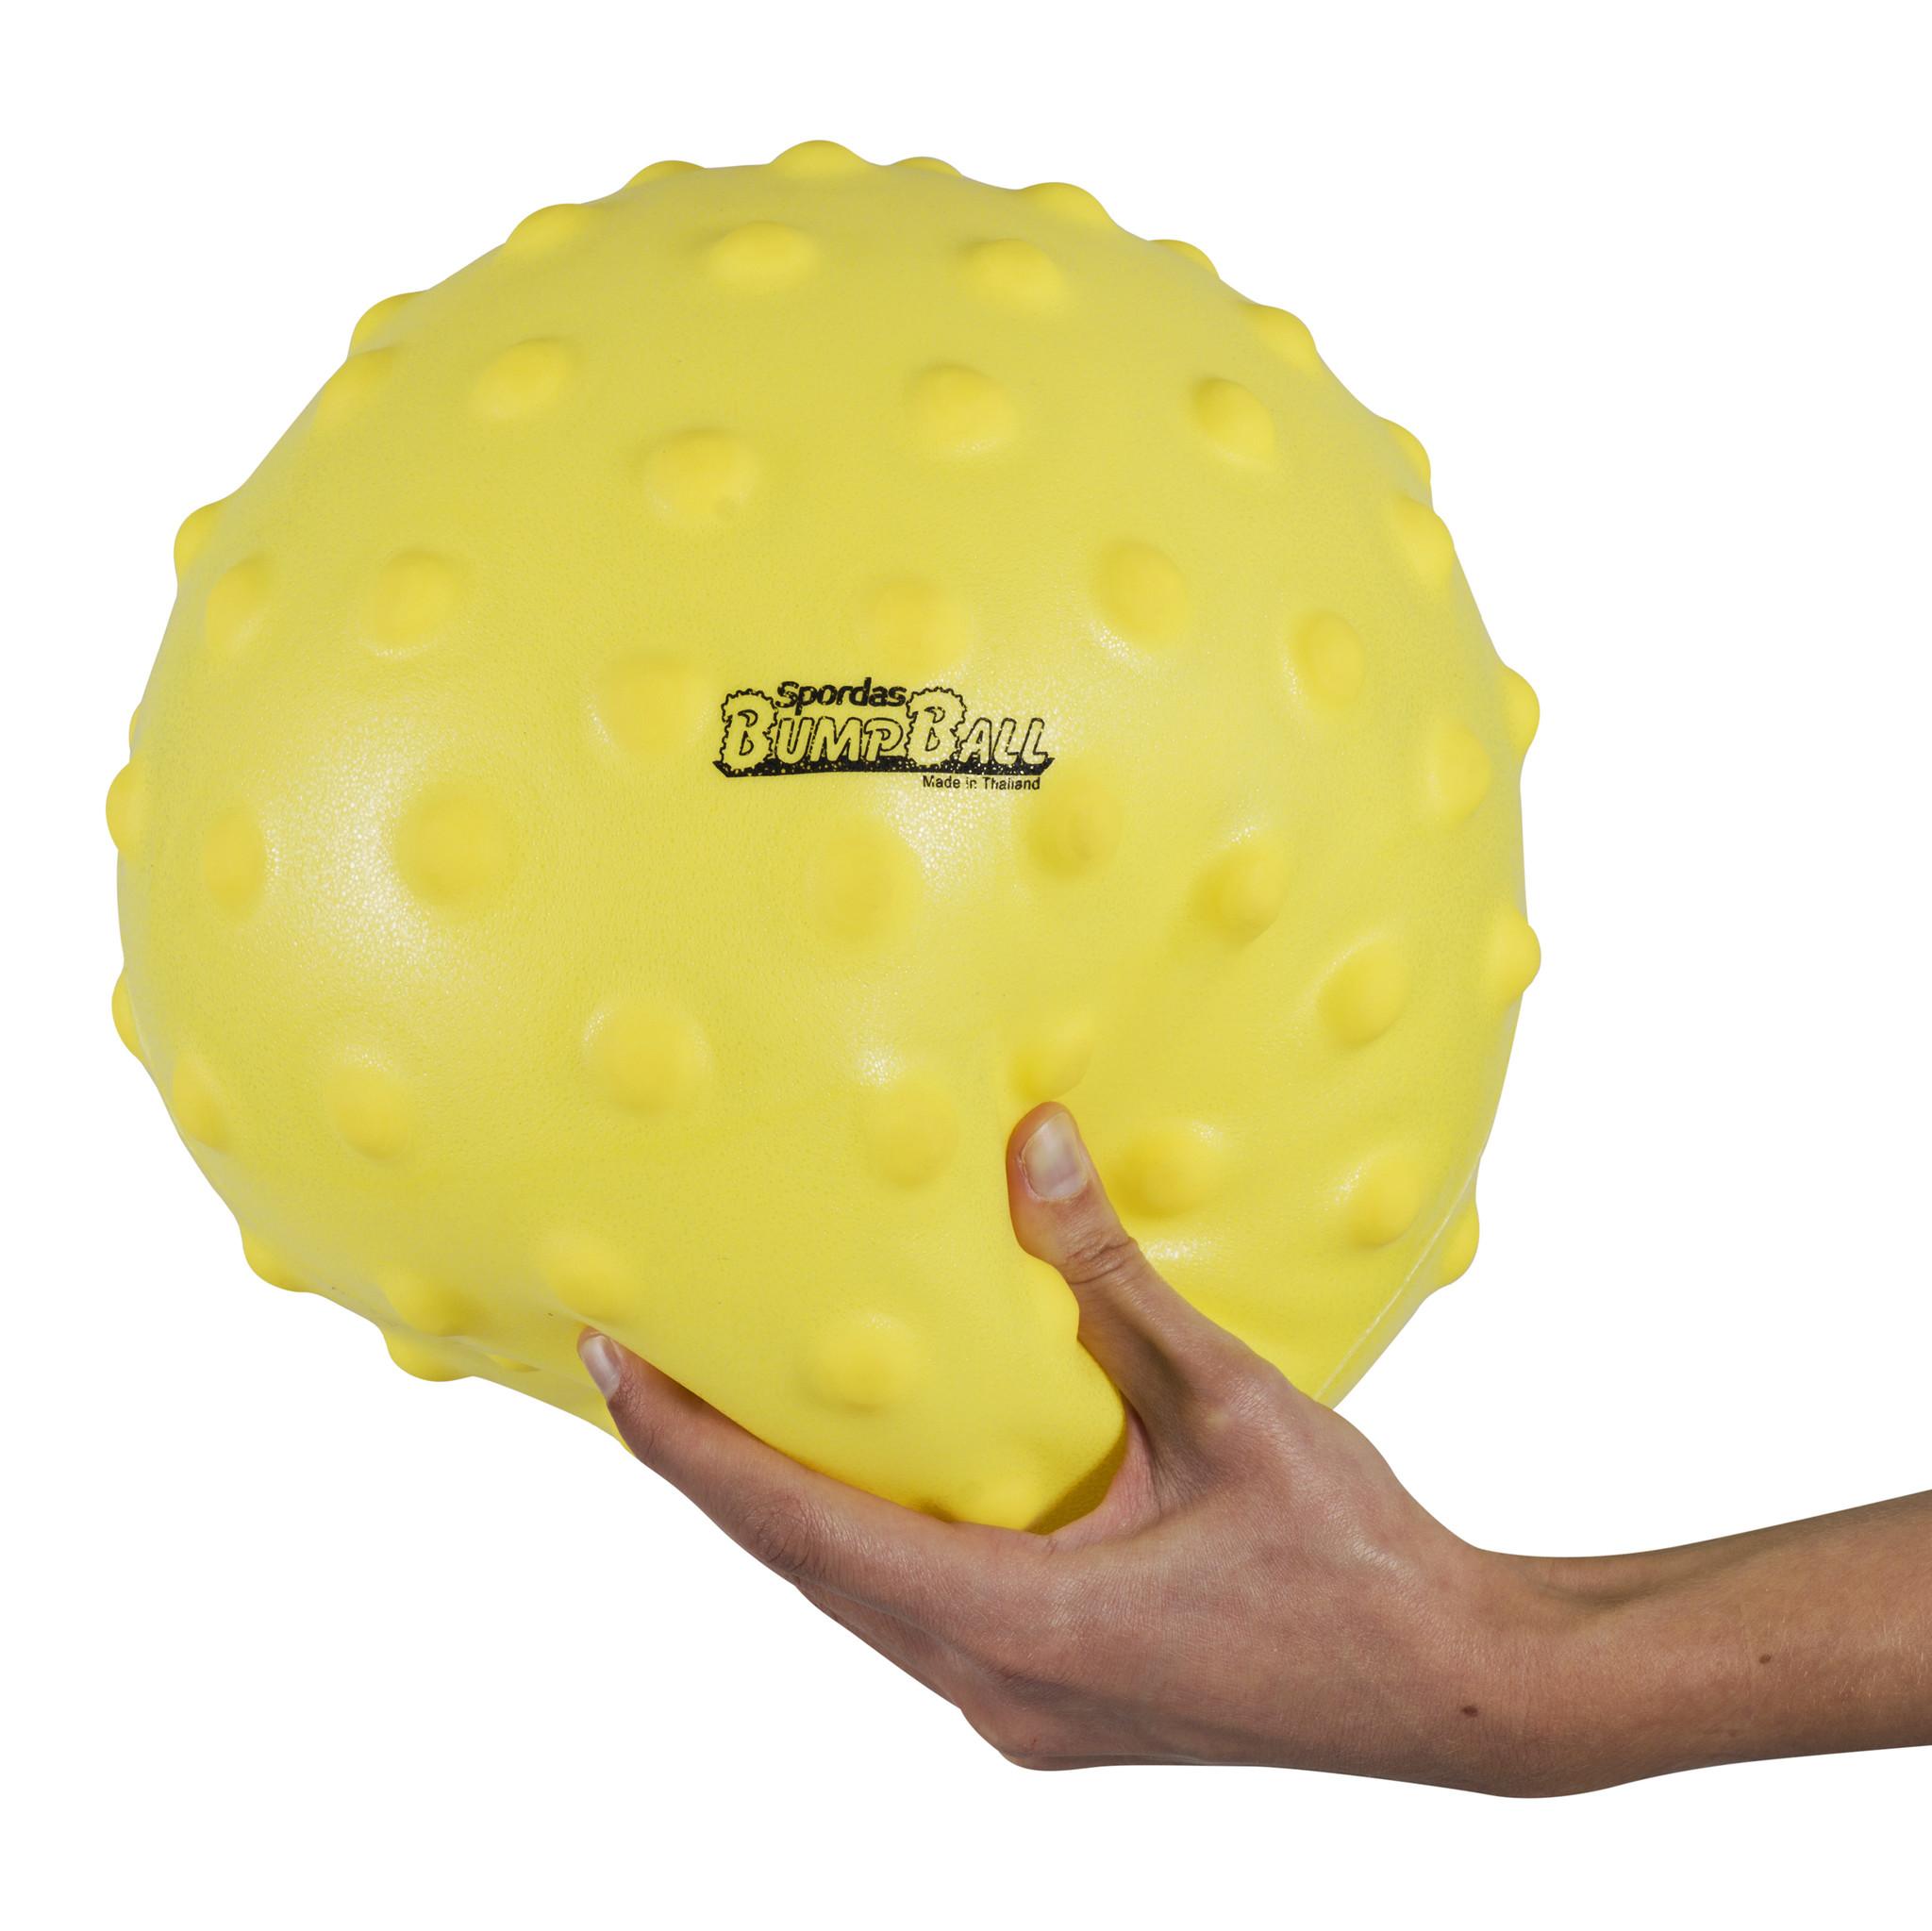 Bobbelballen - set van 6-2